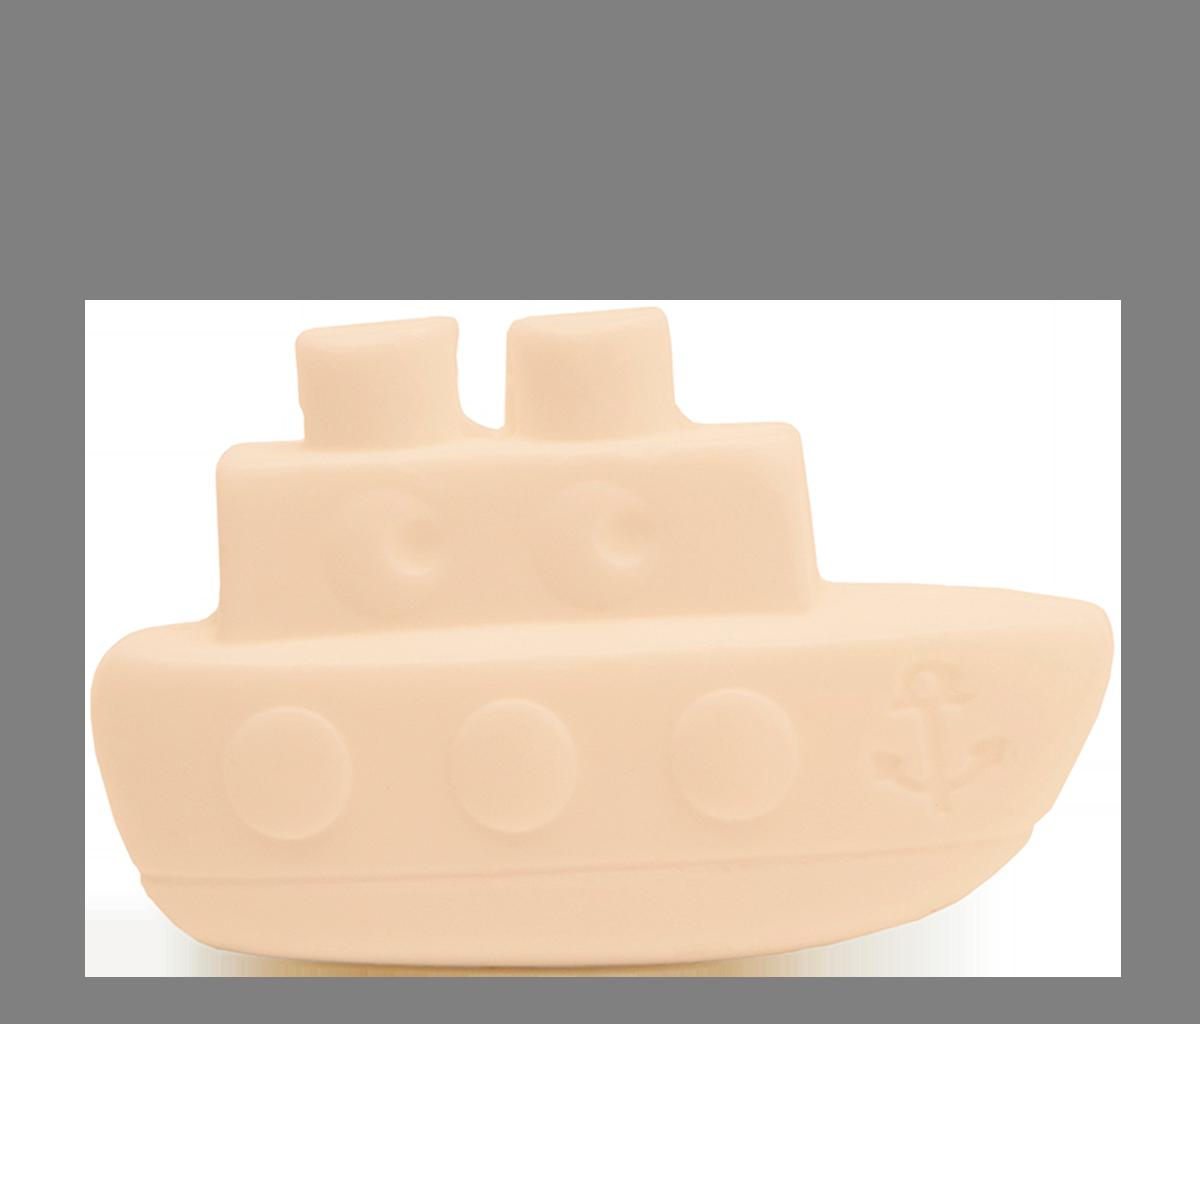 Nailmatic Kids dabīgas bērnu ziepes ar persiku smaržu, 50g 711SPECHE